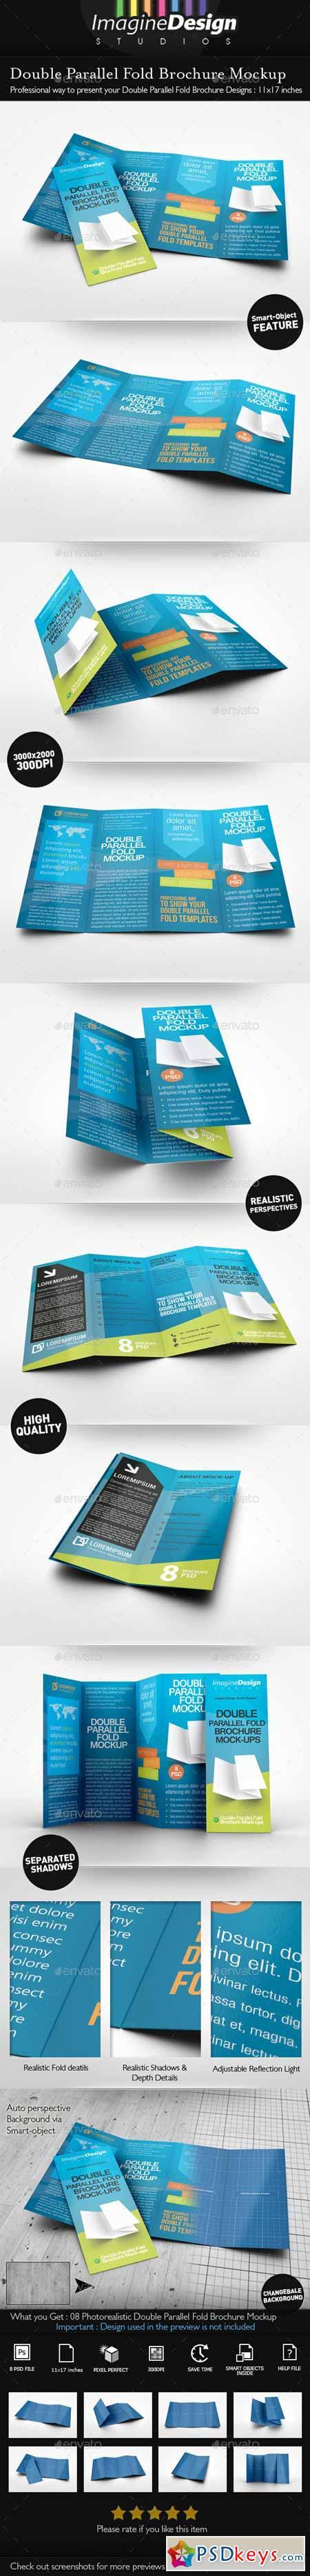 Double Parallel Fold Brochure Mockup 9942412 | dev | Pinterest ...